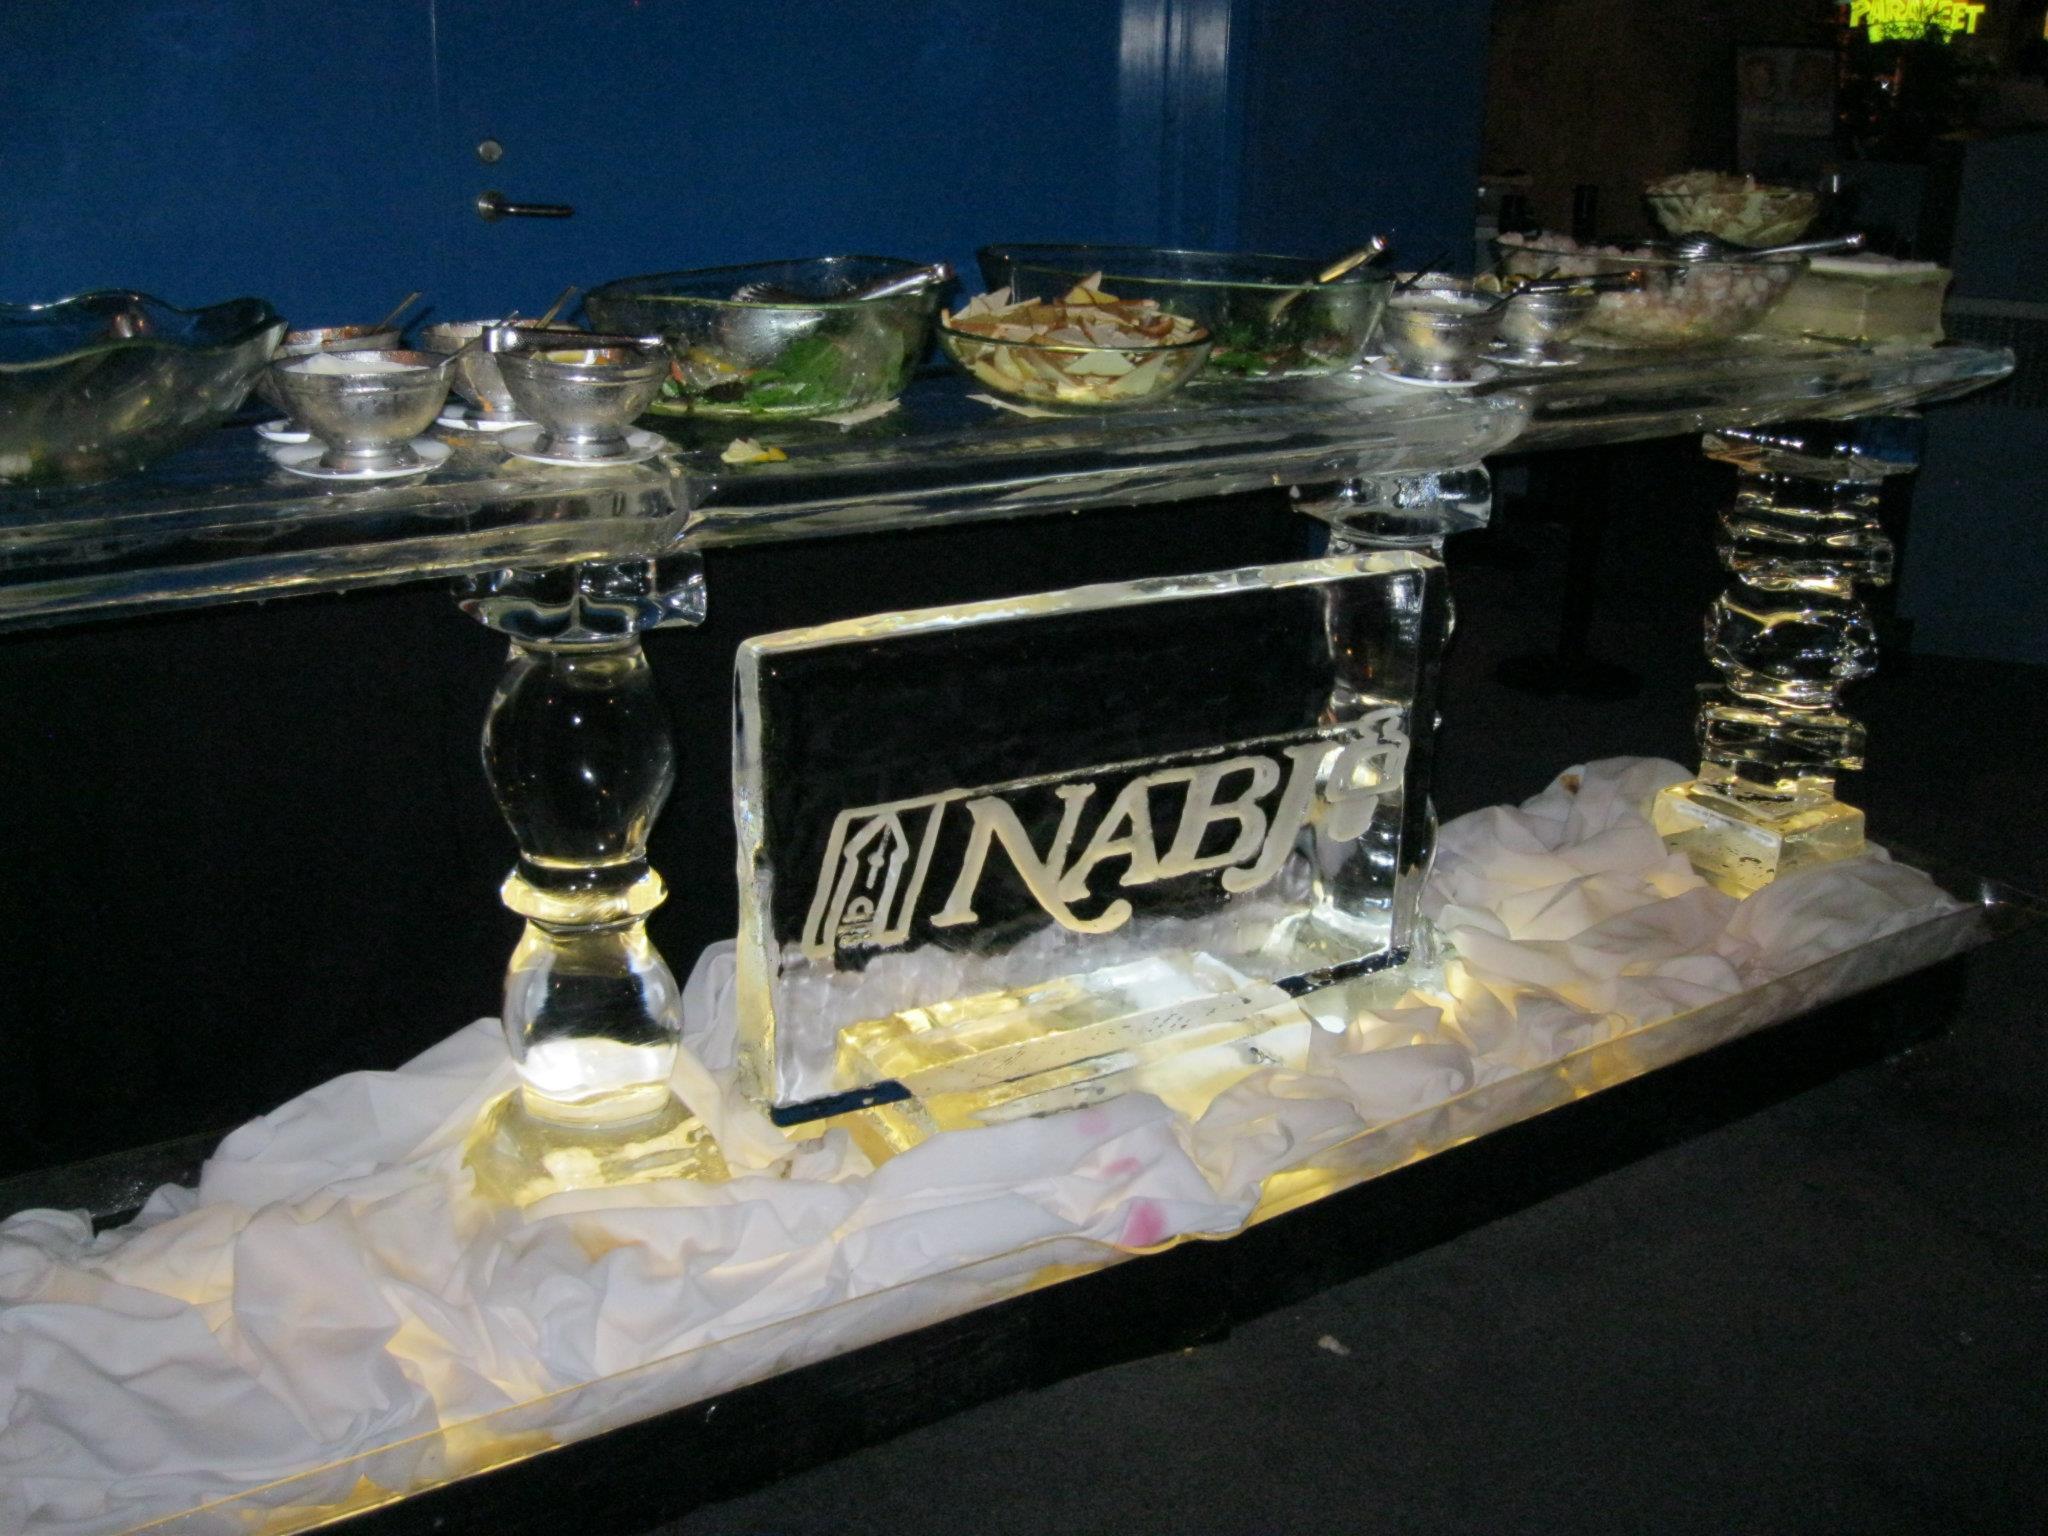 NABJ Ice Sculpture